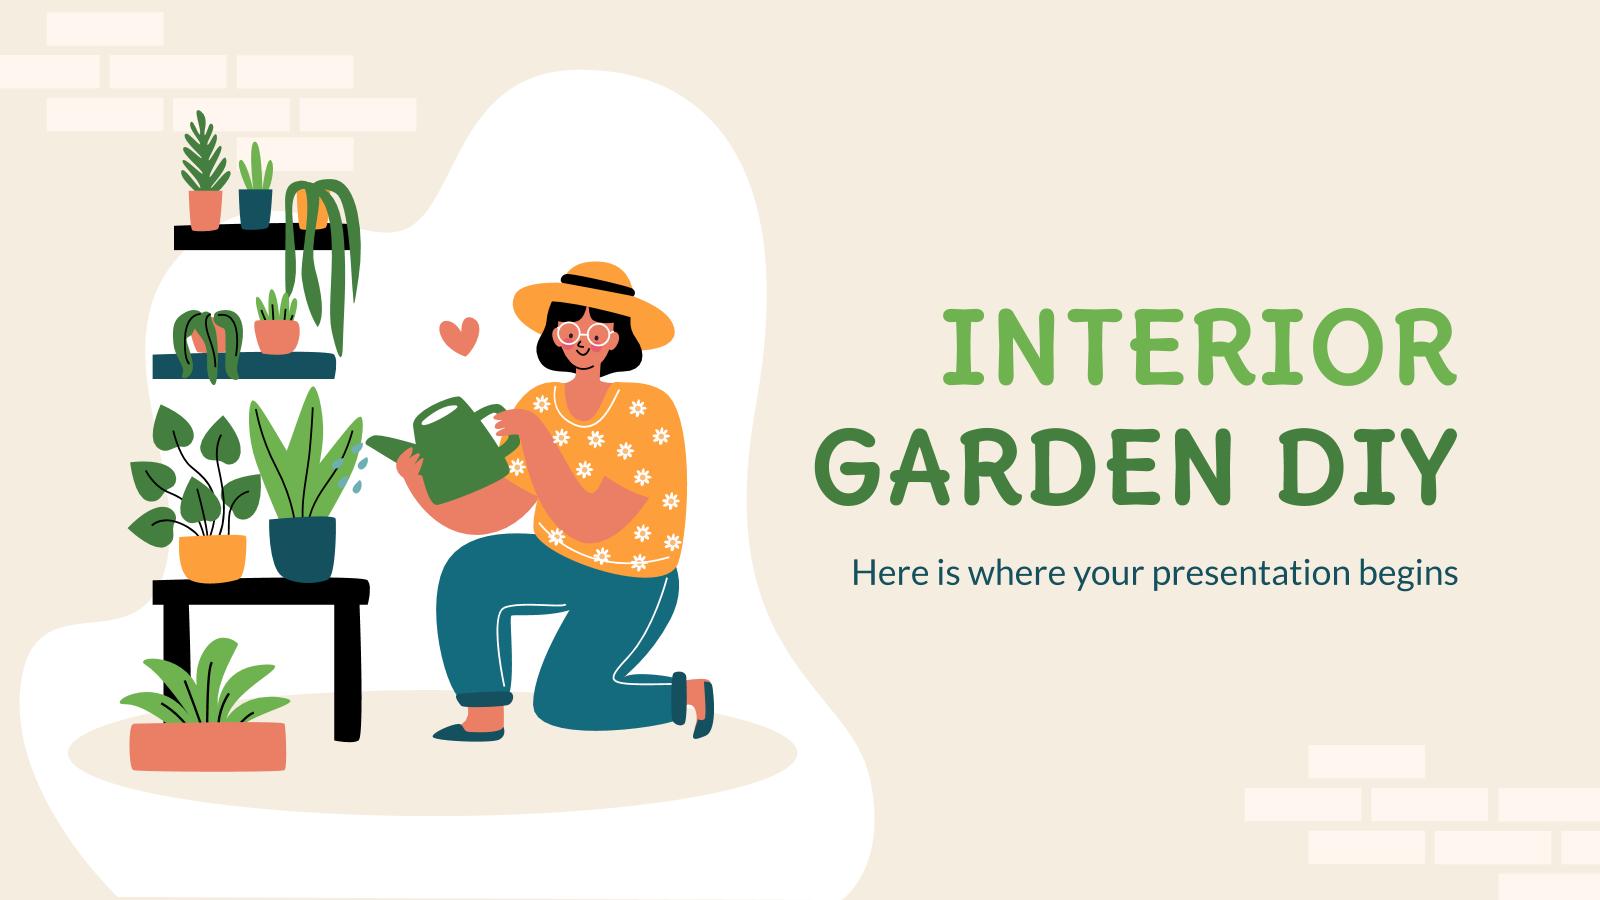 Plantilla de presentación Taller de jardinería de interior